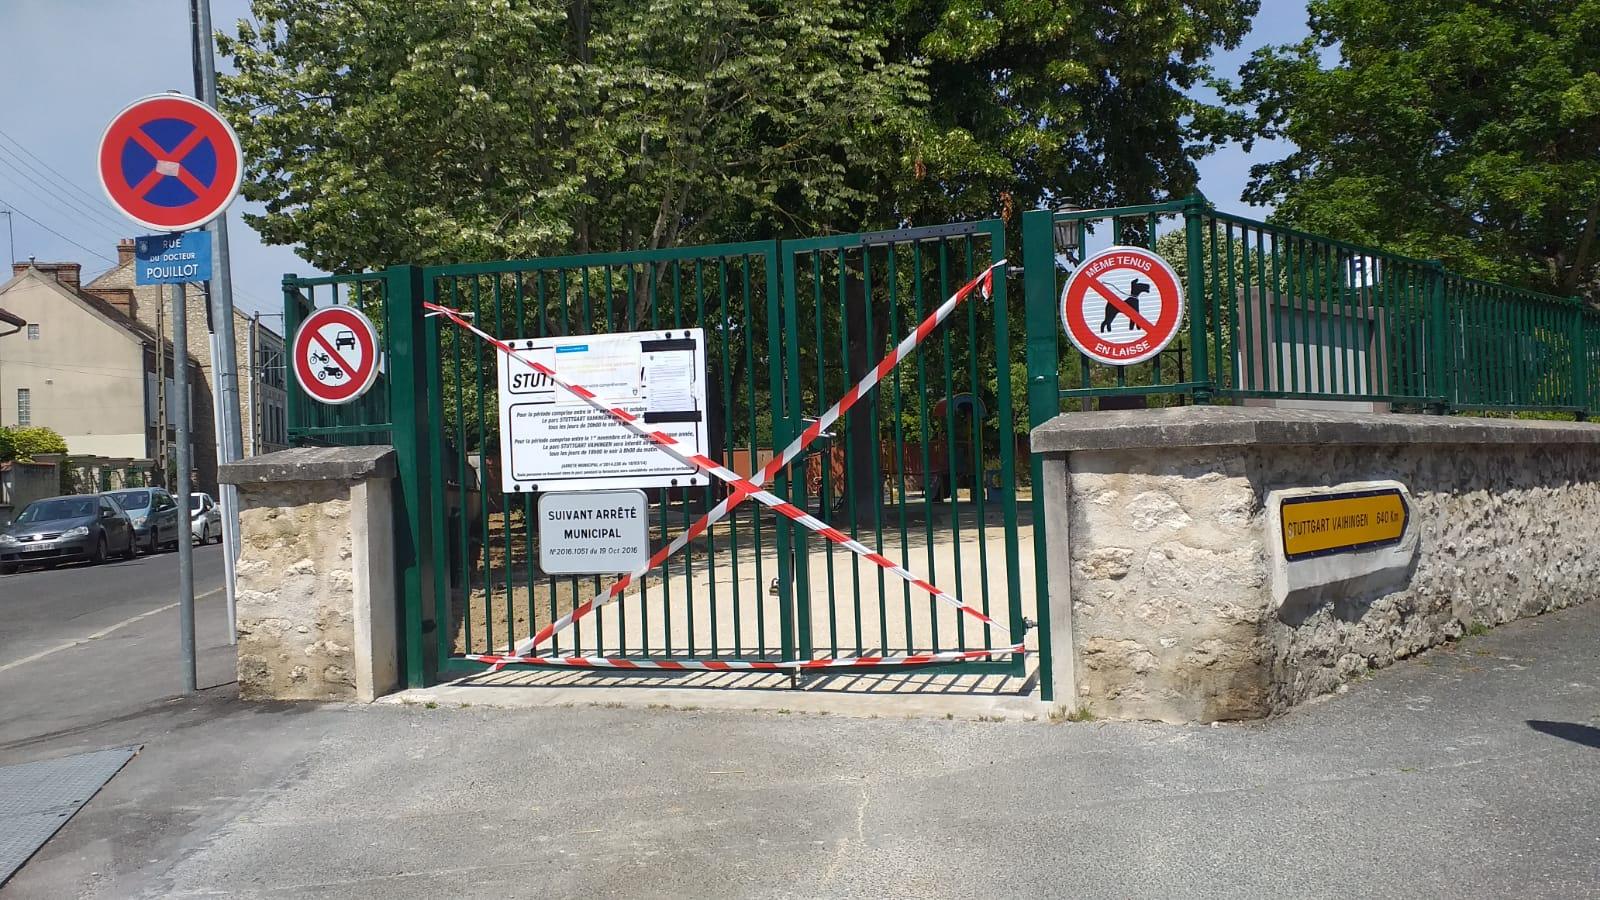 parc stuttgart vahingen fermé le 2 juin 2020